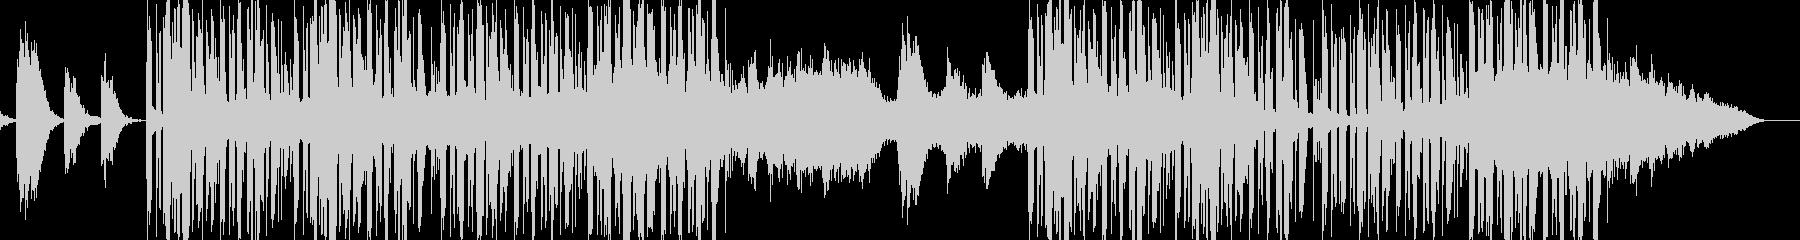 切ないピアノが特徴的なバラードの未再生の波形